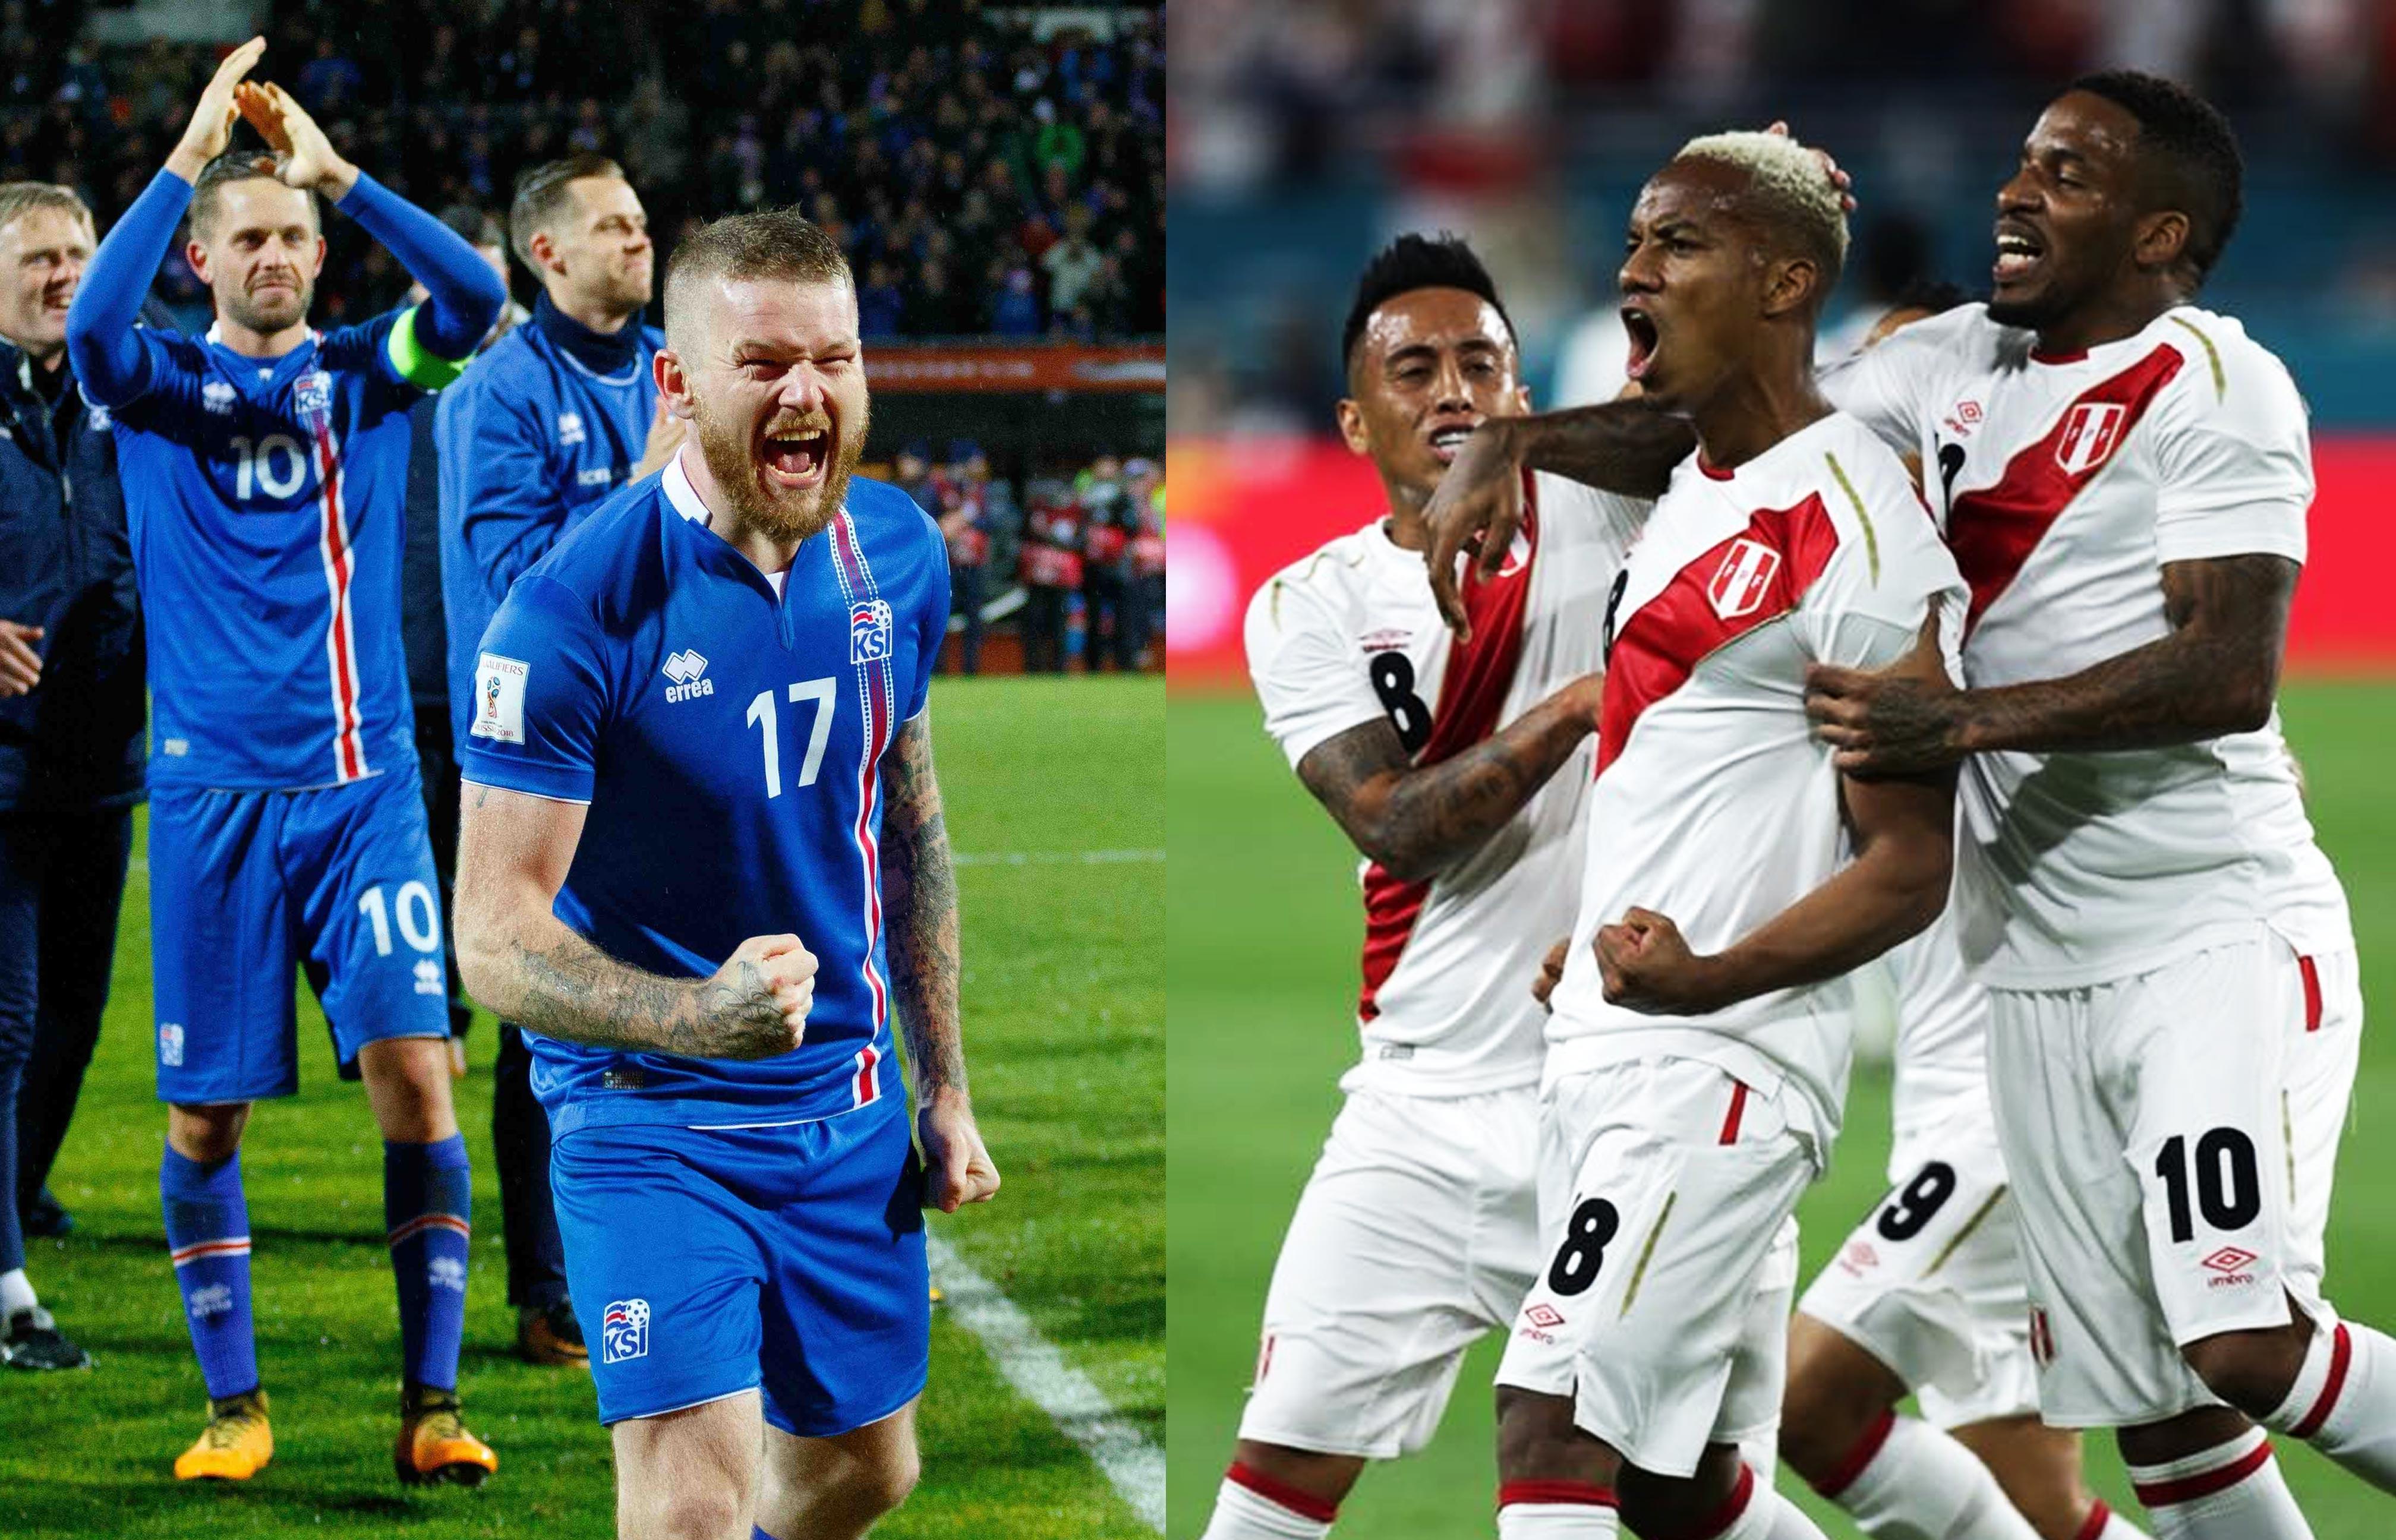 Peru Islandia - Mall Aventura Santa Anita instalará pantalla gigante para ver el partido Perú – Islandia